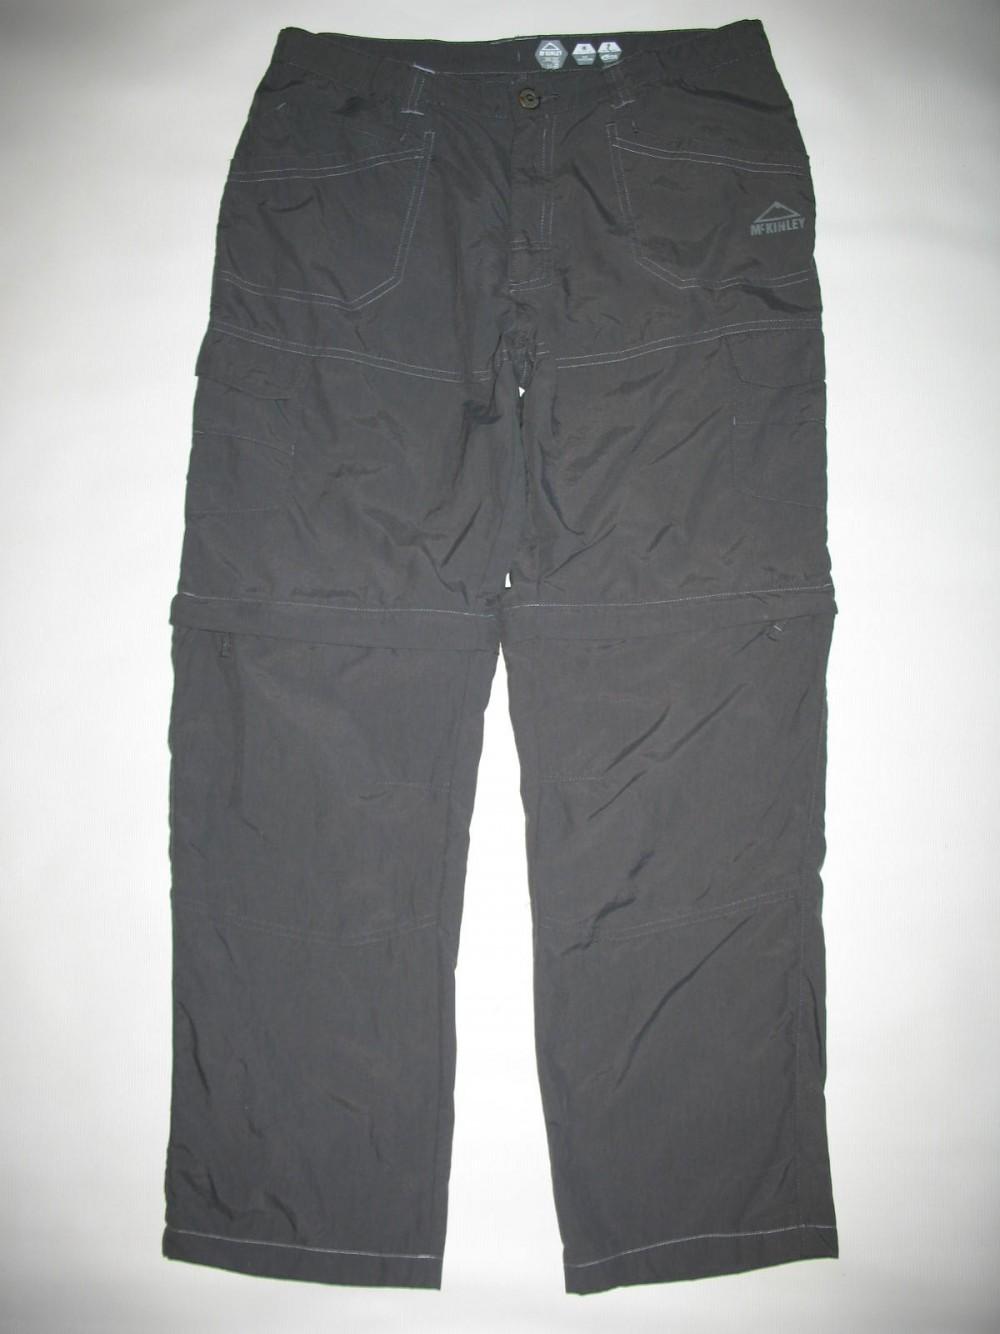 Штаны McKINLEY 2in1 pants lady (размер М) - 1